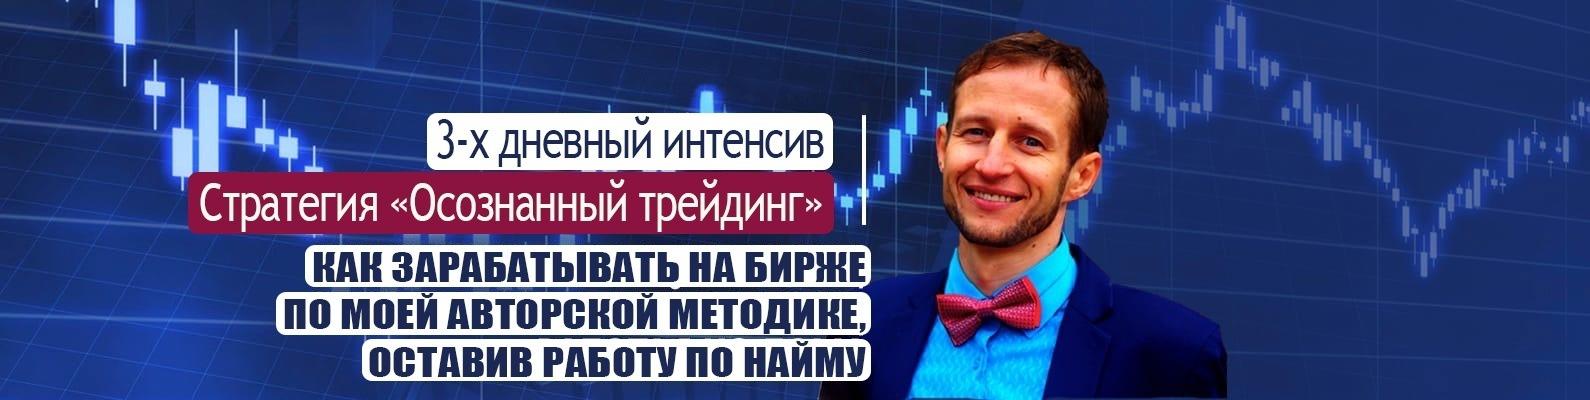 Трейдер Юра Гольчиков - отзывы и обзор обучения «Осознанный трейдинг»